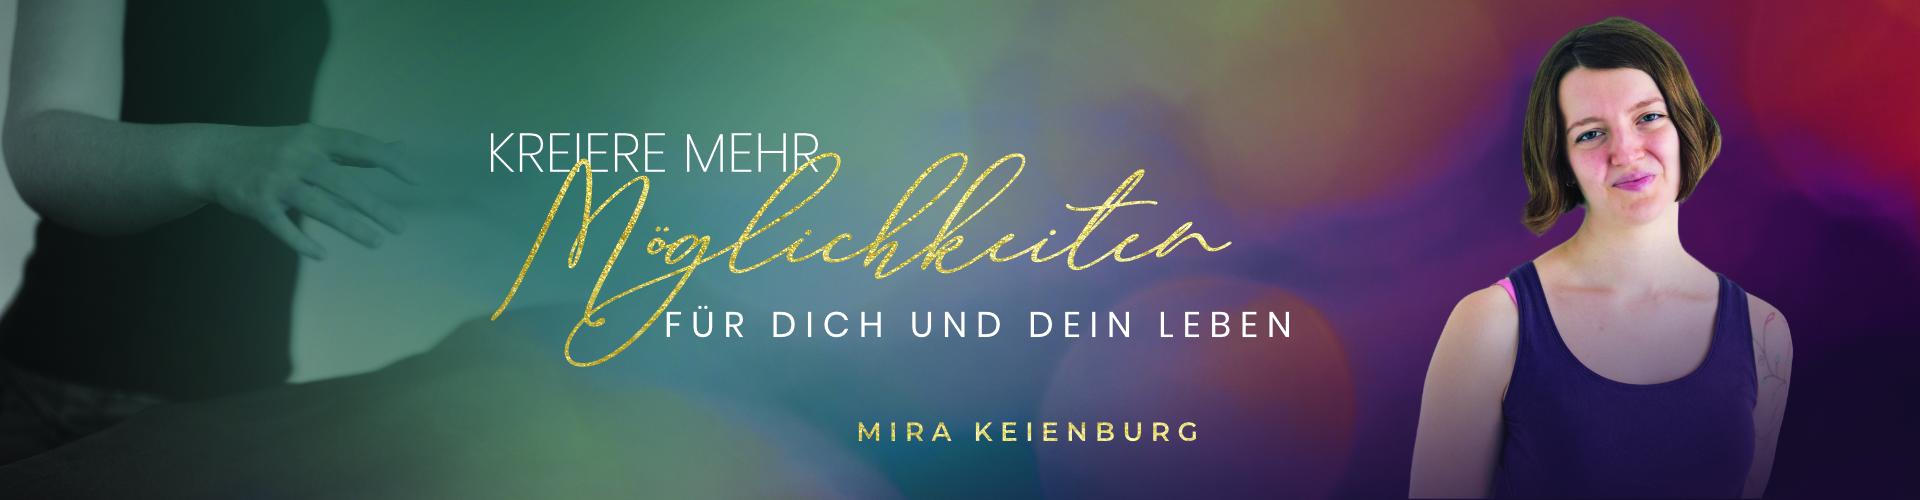 Mira Keienburg